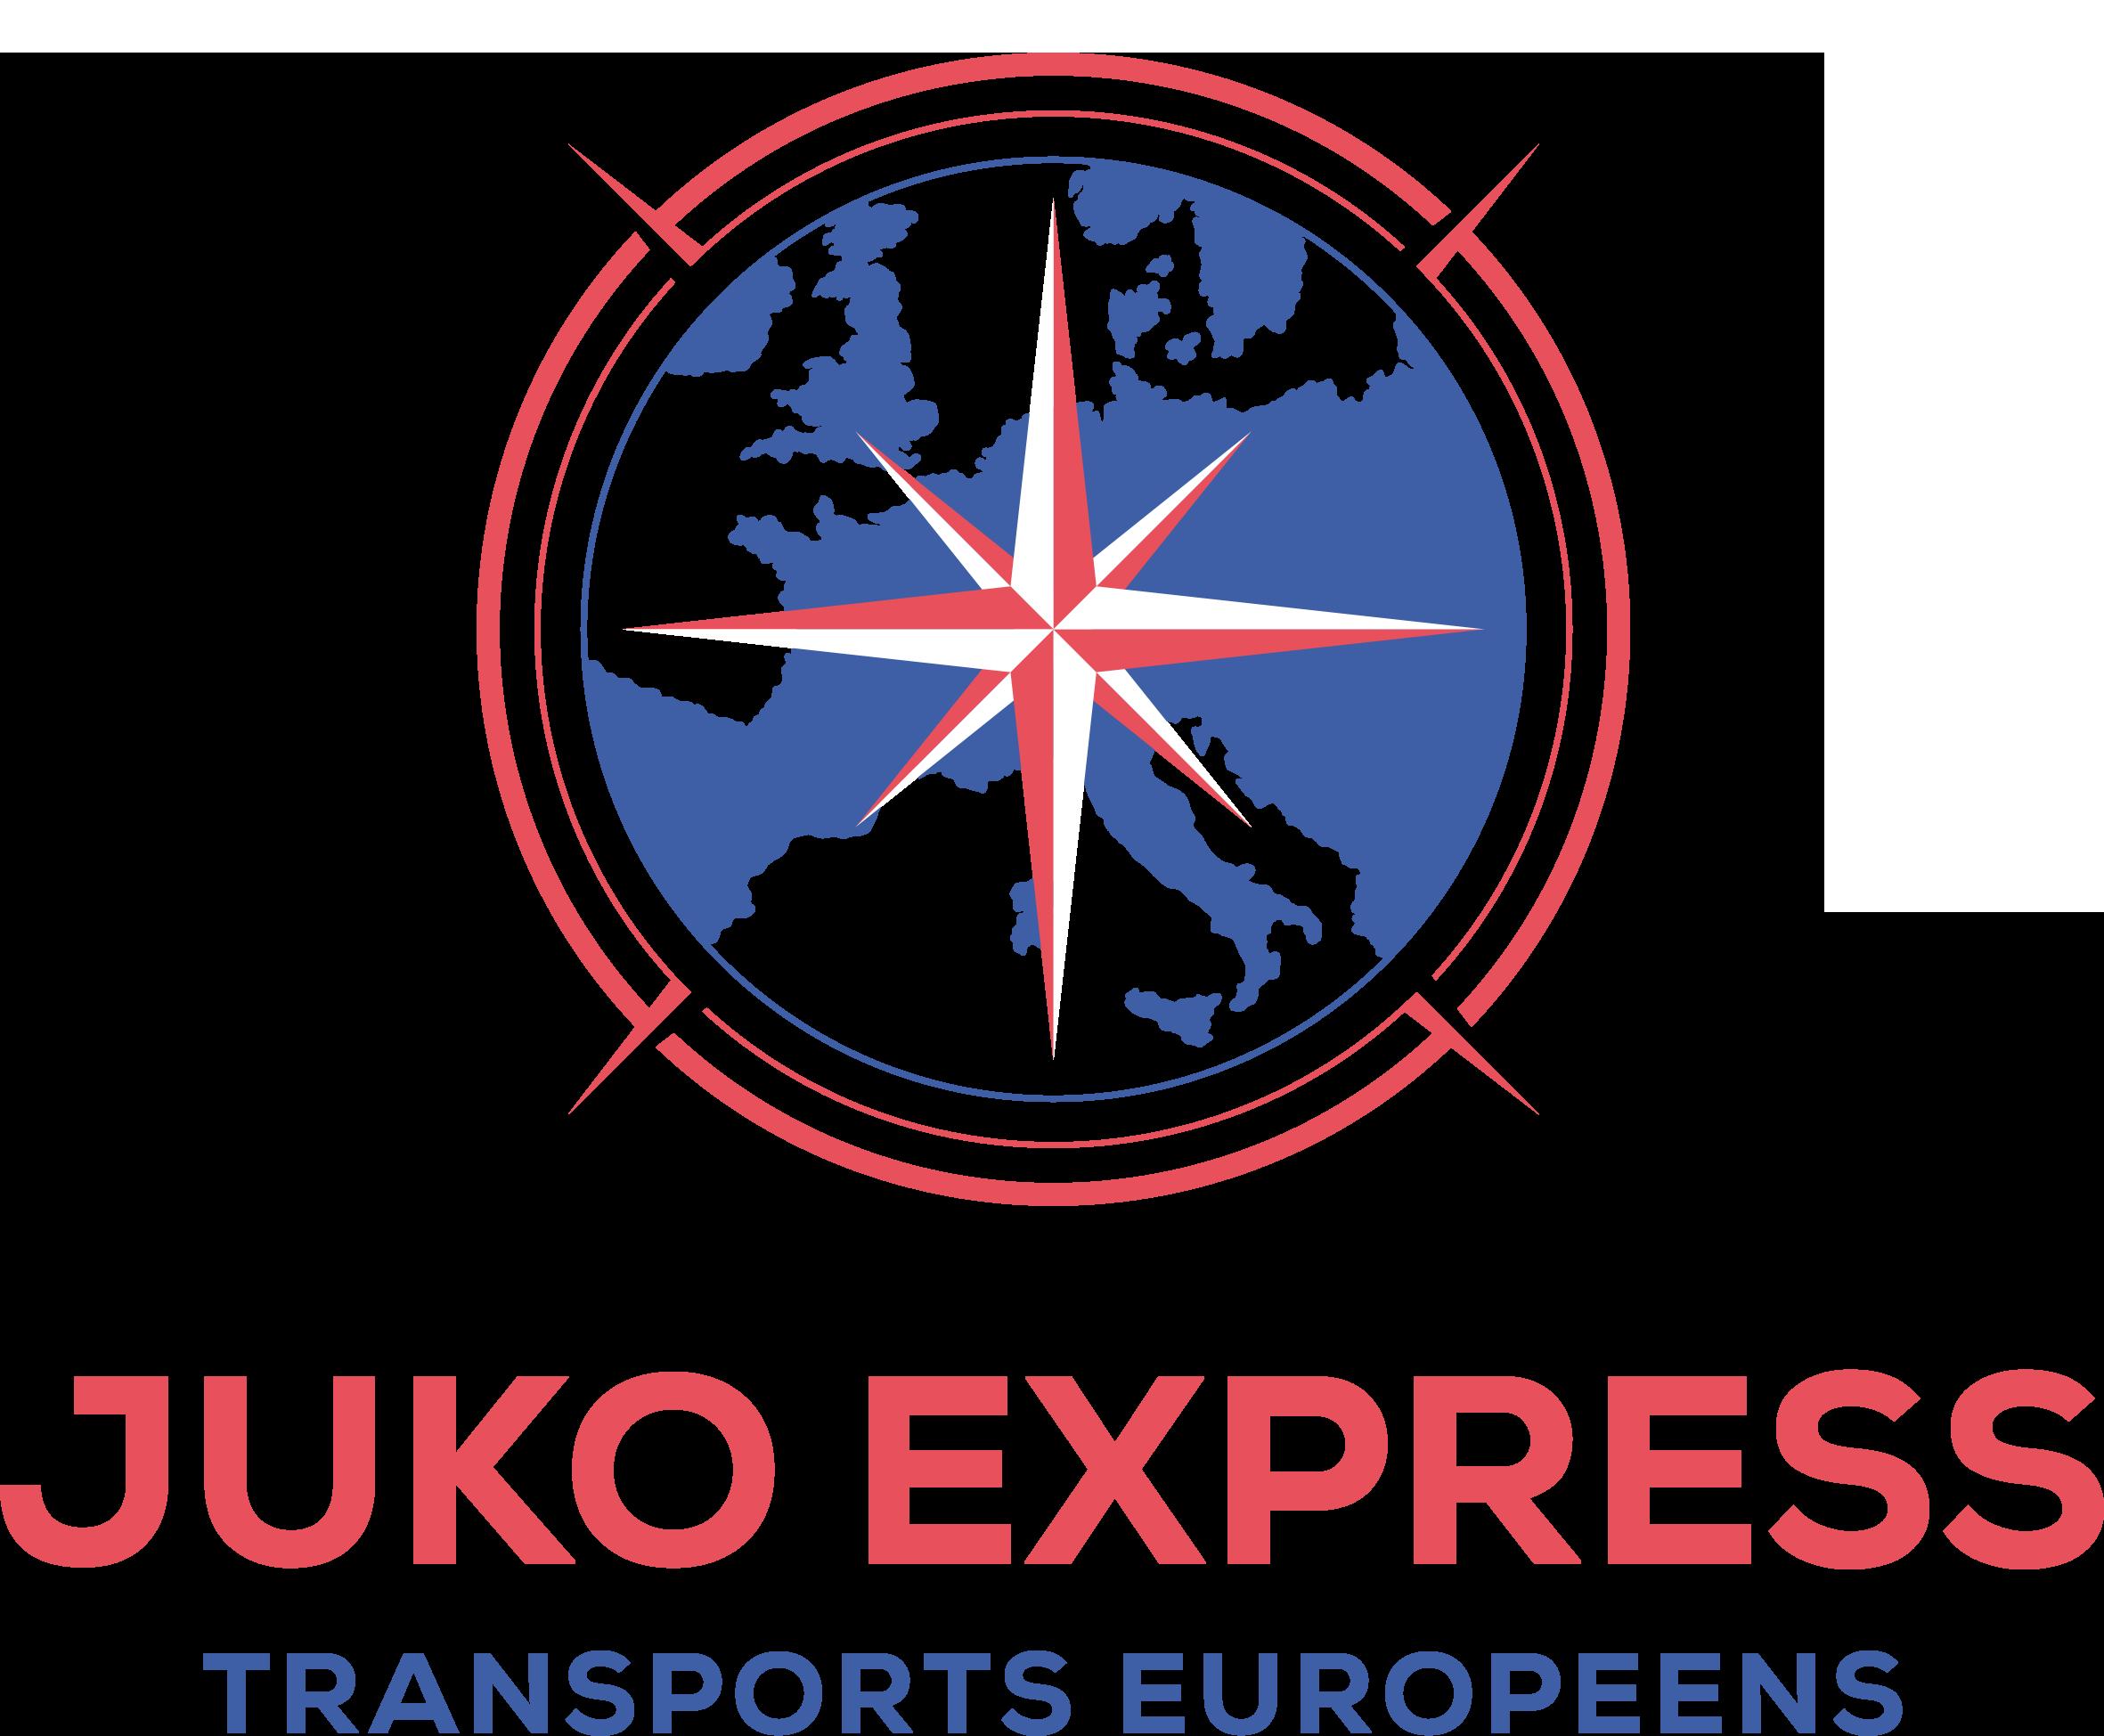 Juko Express